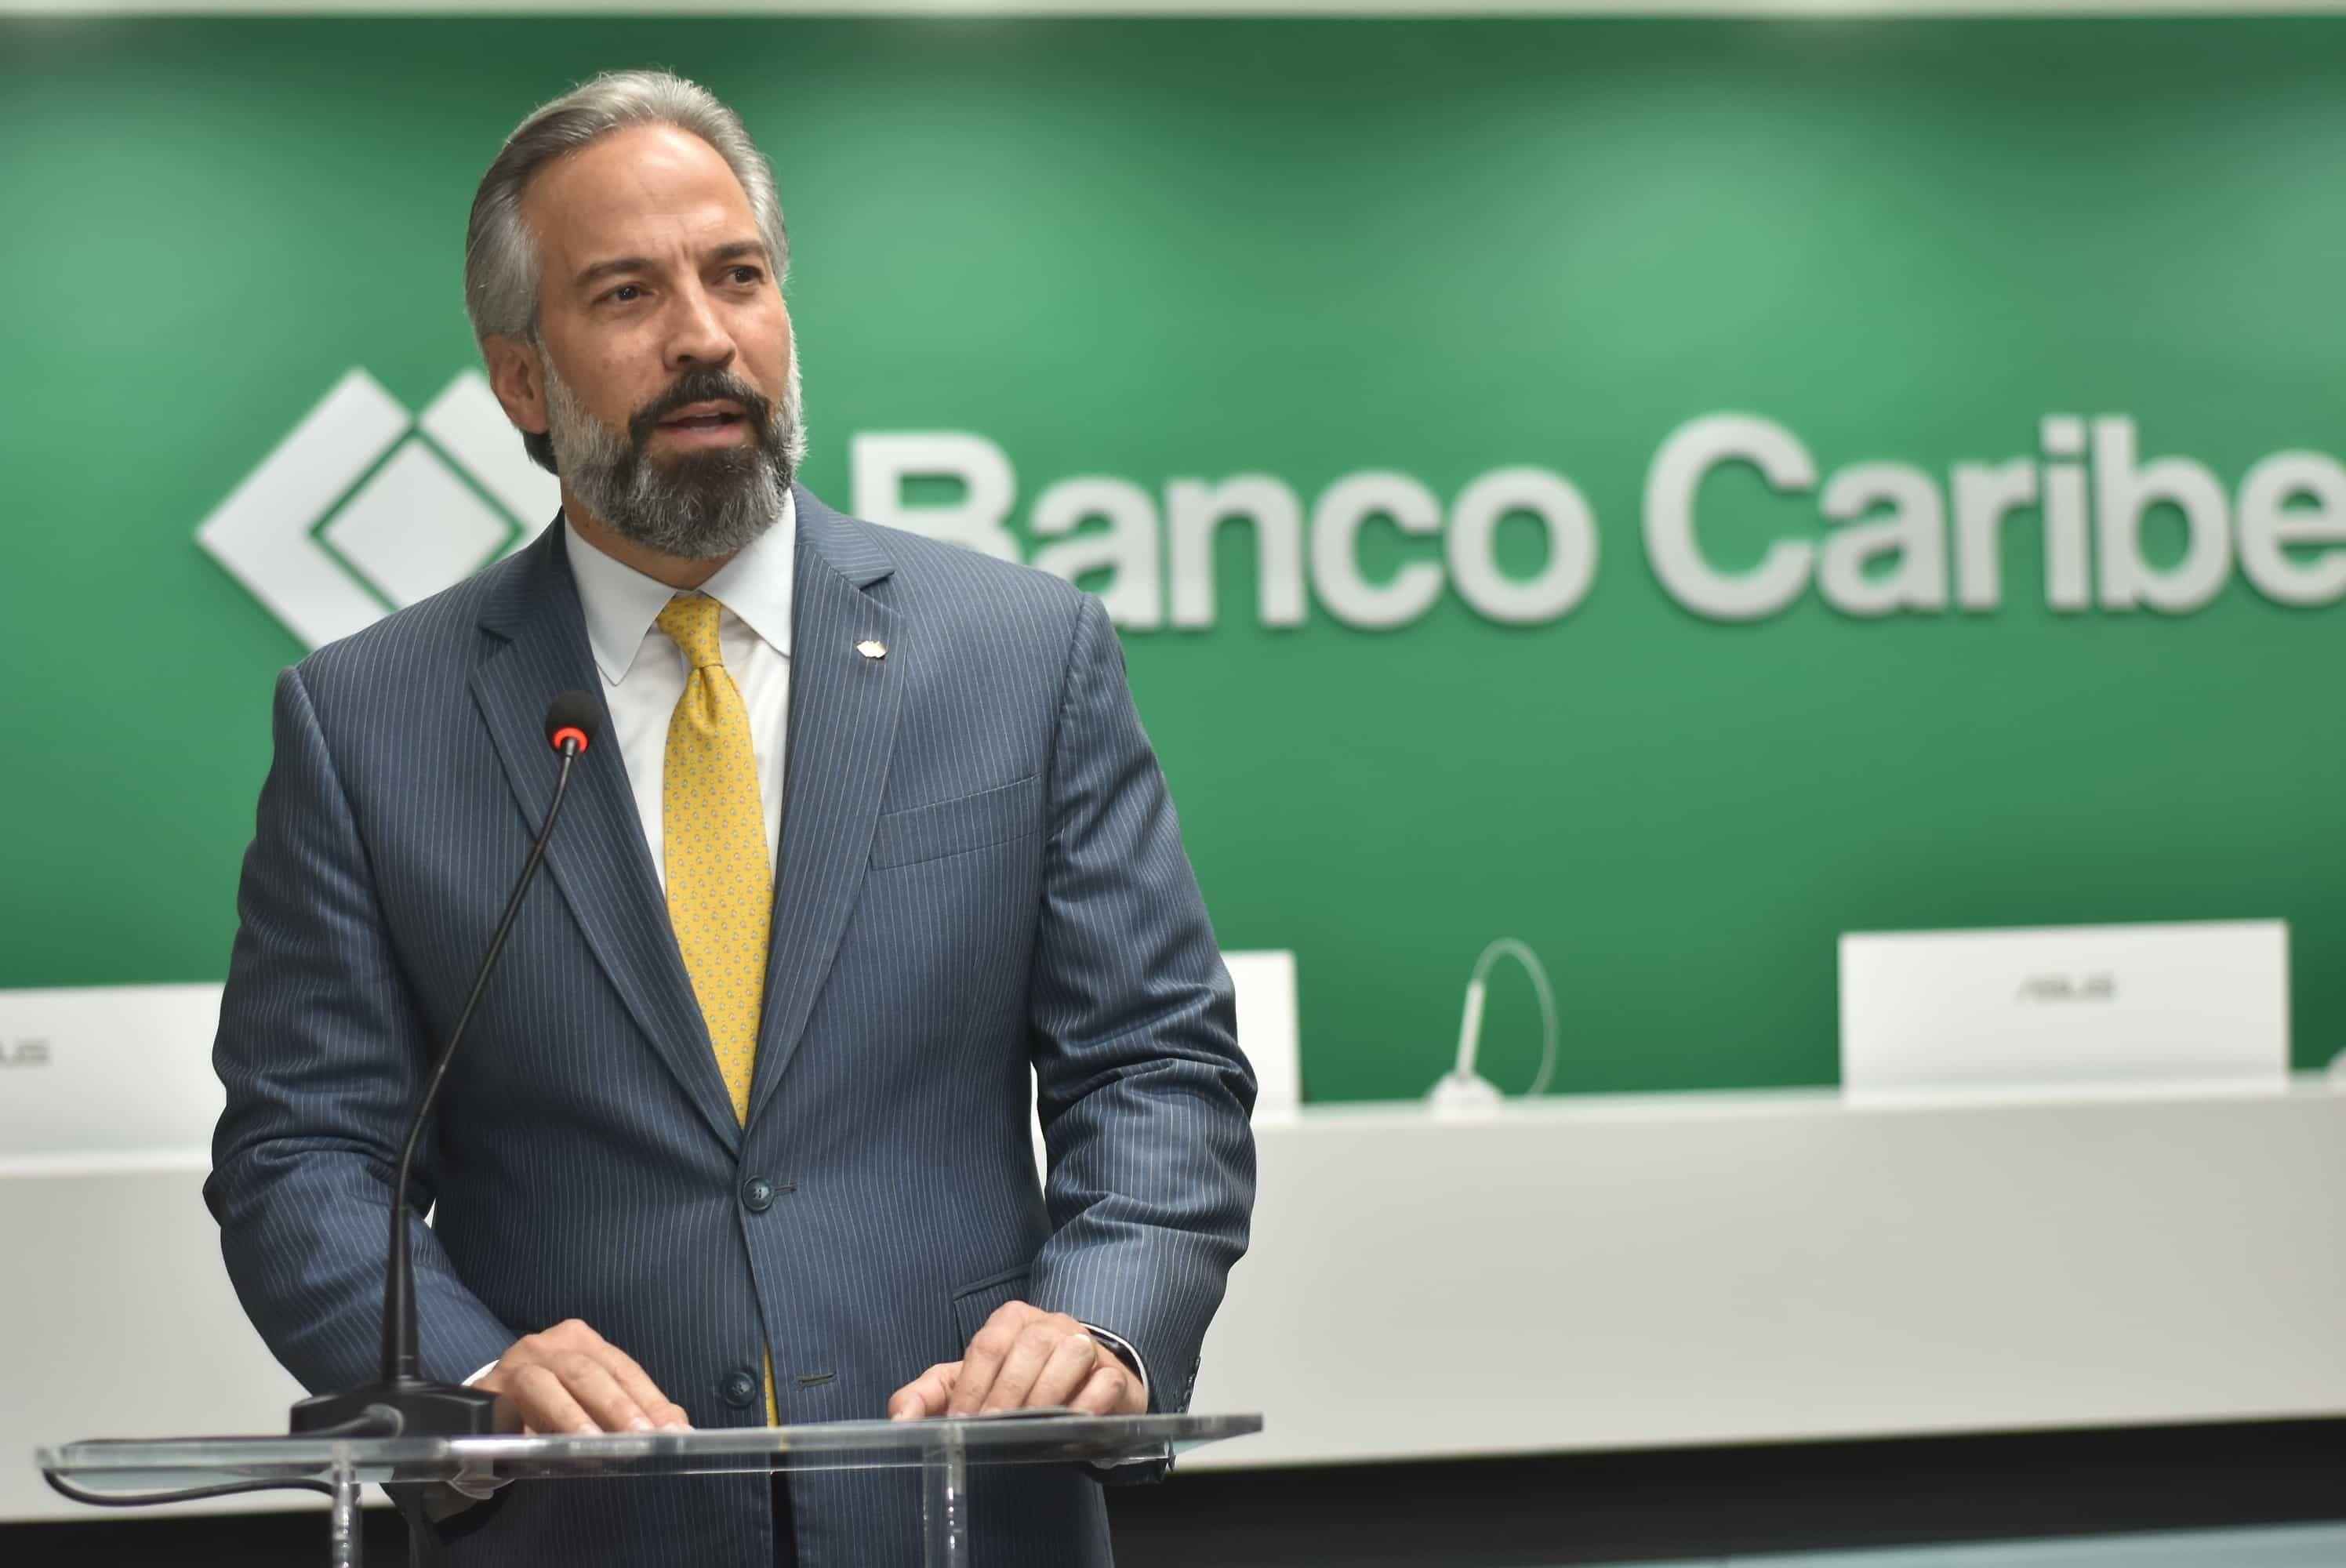 <p>Banco Caribe fomenta valores nacionales con lanzamiento campa&ntilde;a &ldquo;Creemos en ti, RD&rdquo;</p>